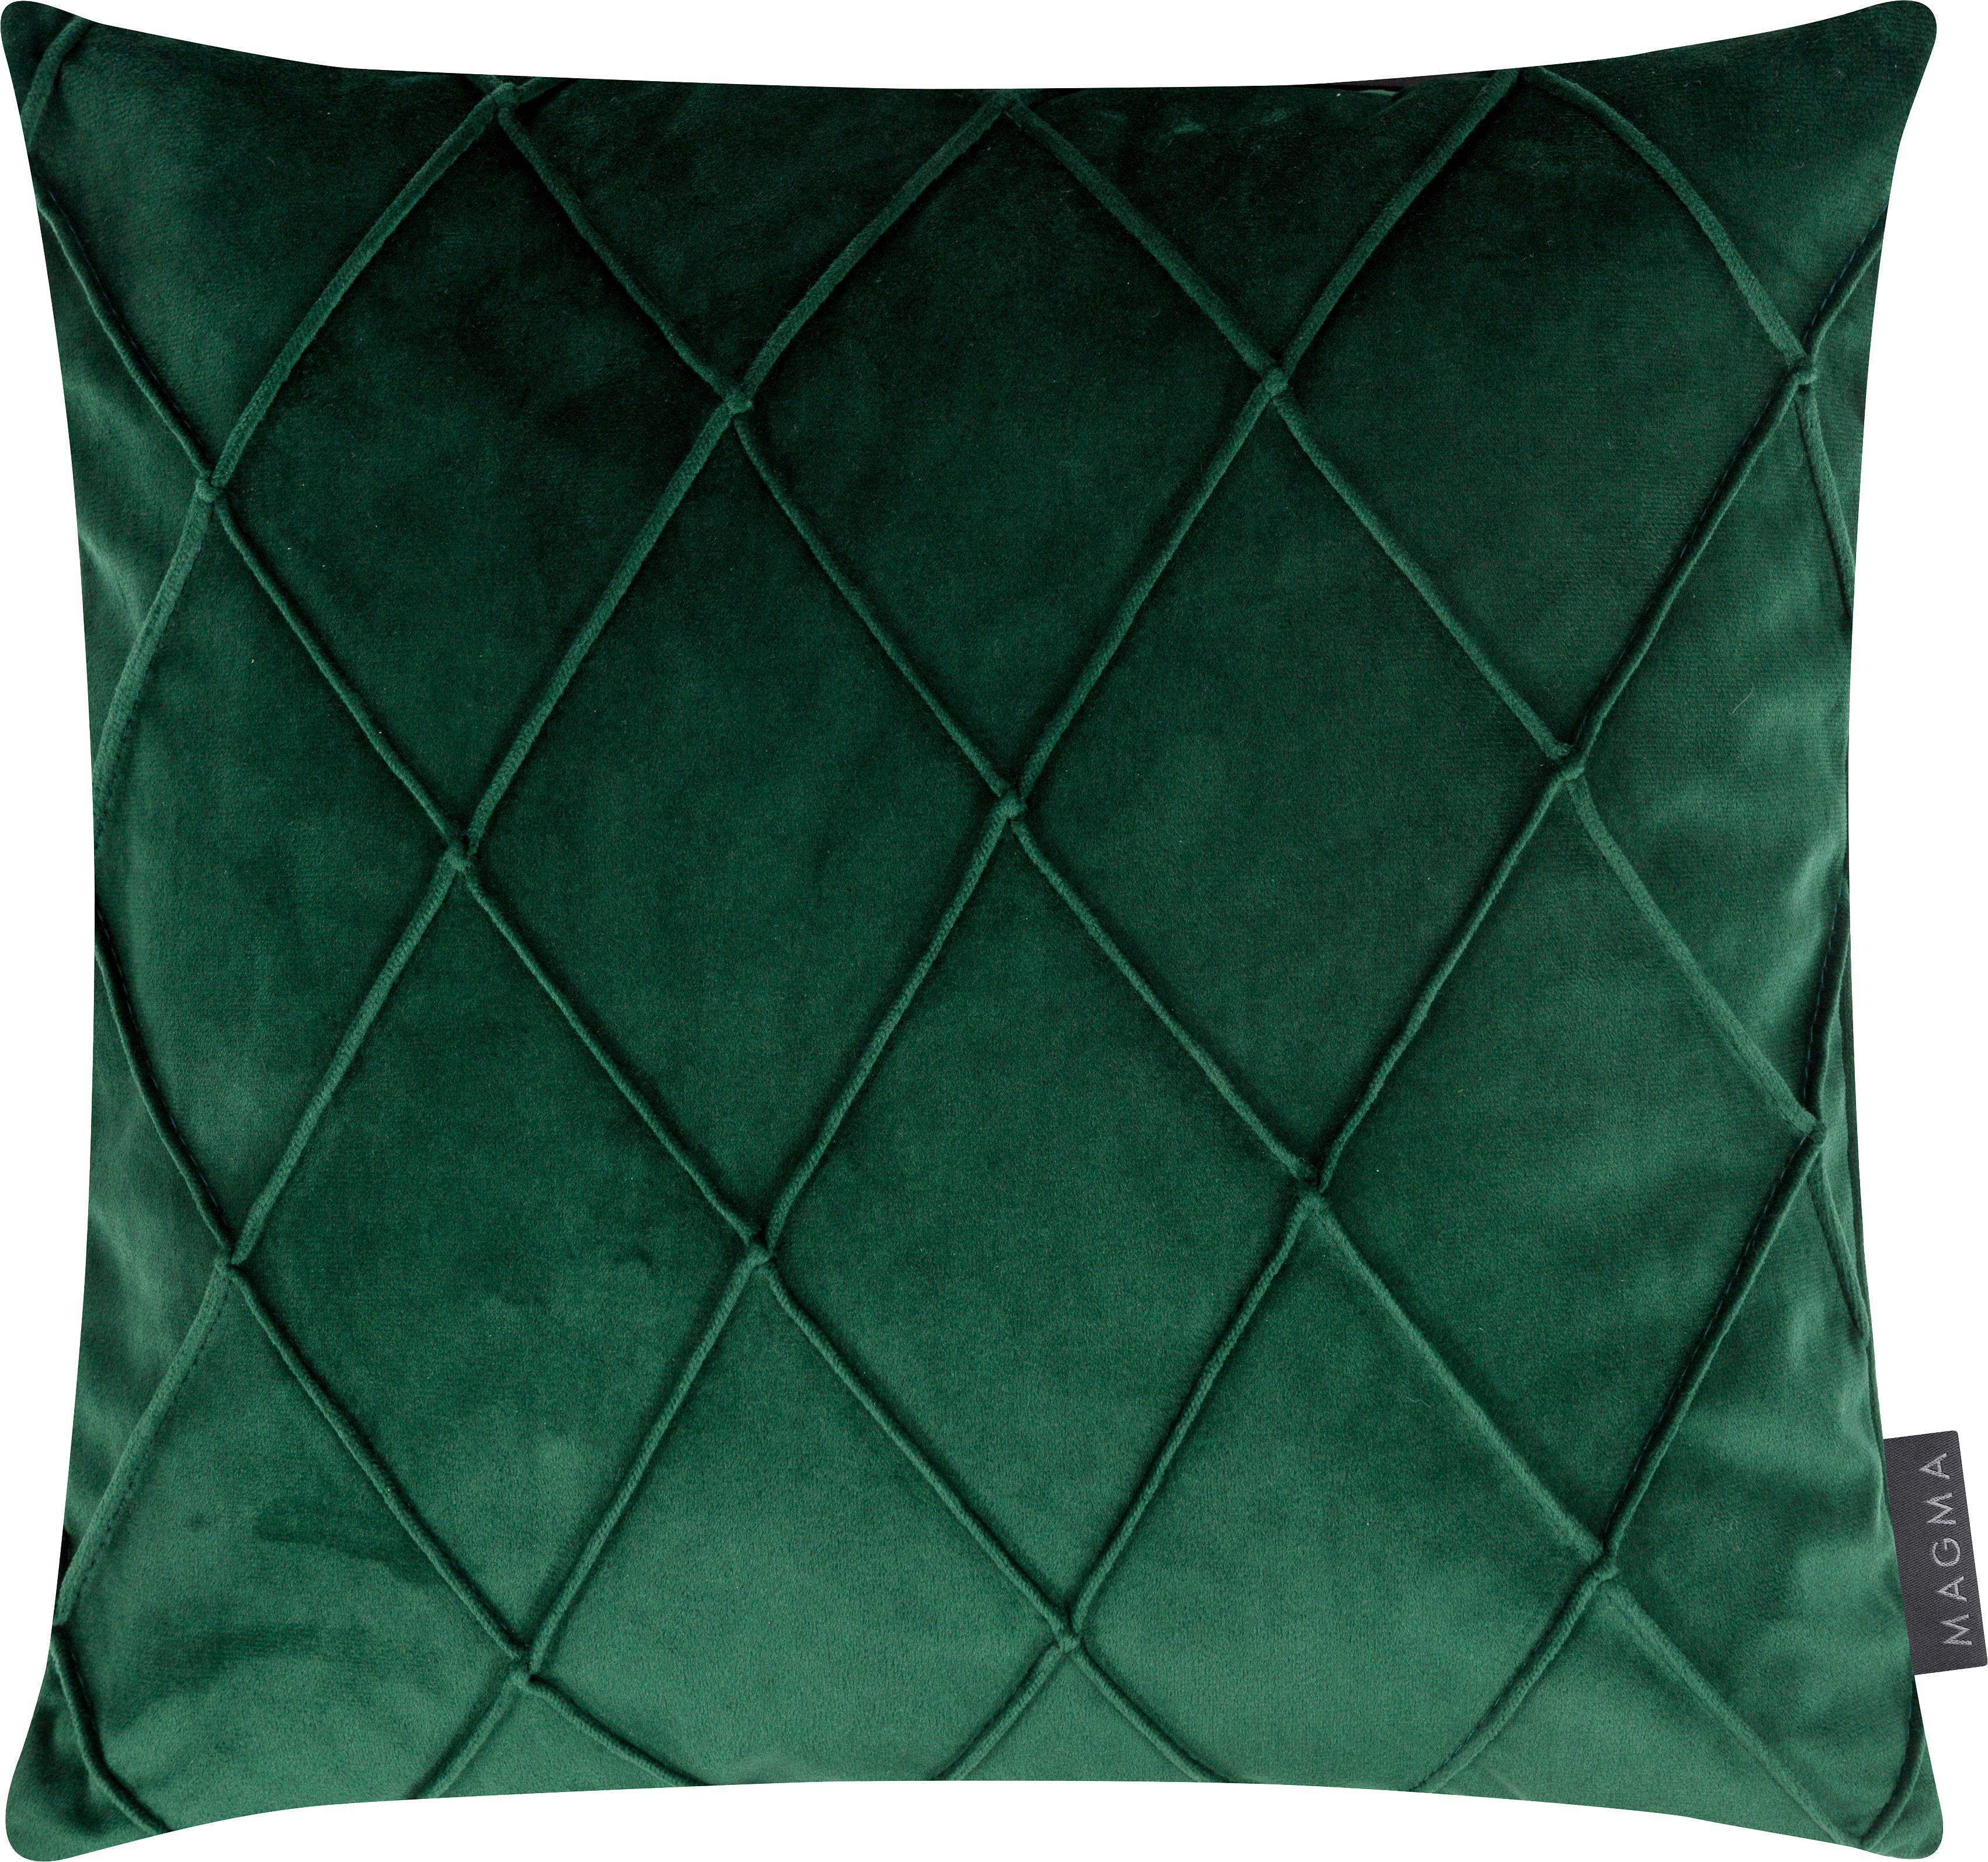 Poszewka na poduszkę z aksamitu Nobless, Aksamit poliestrowy, Zielony, S 40 x D 40 cm